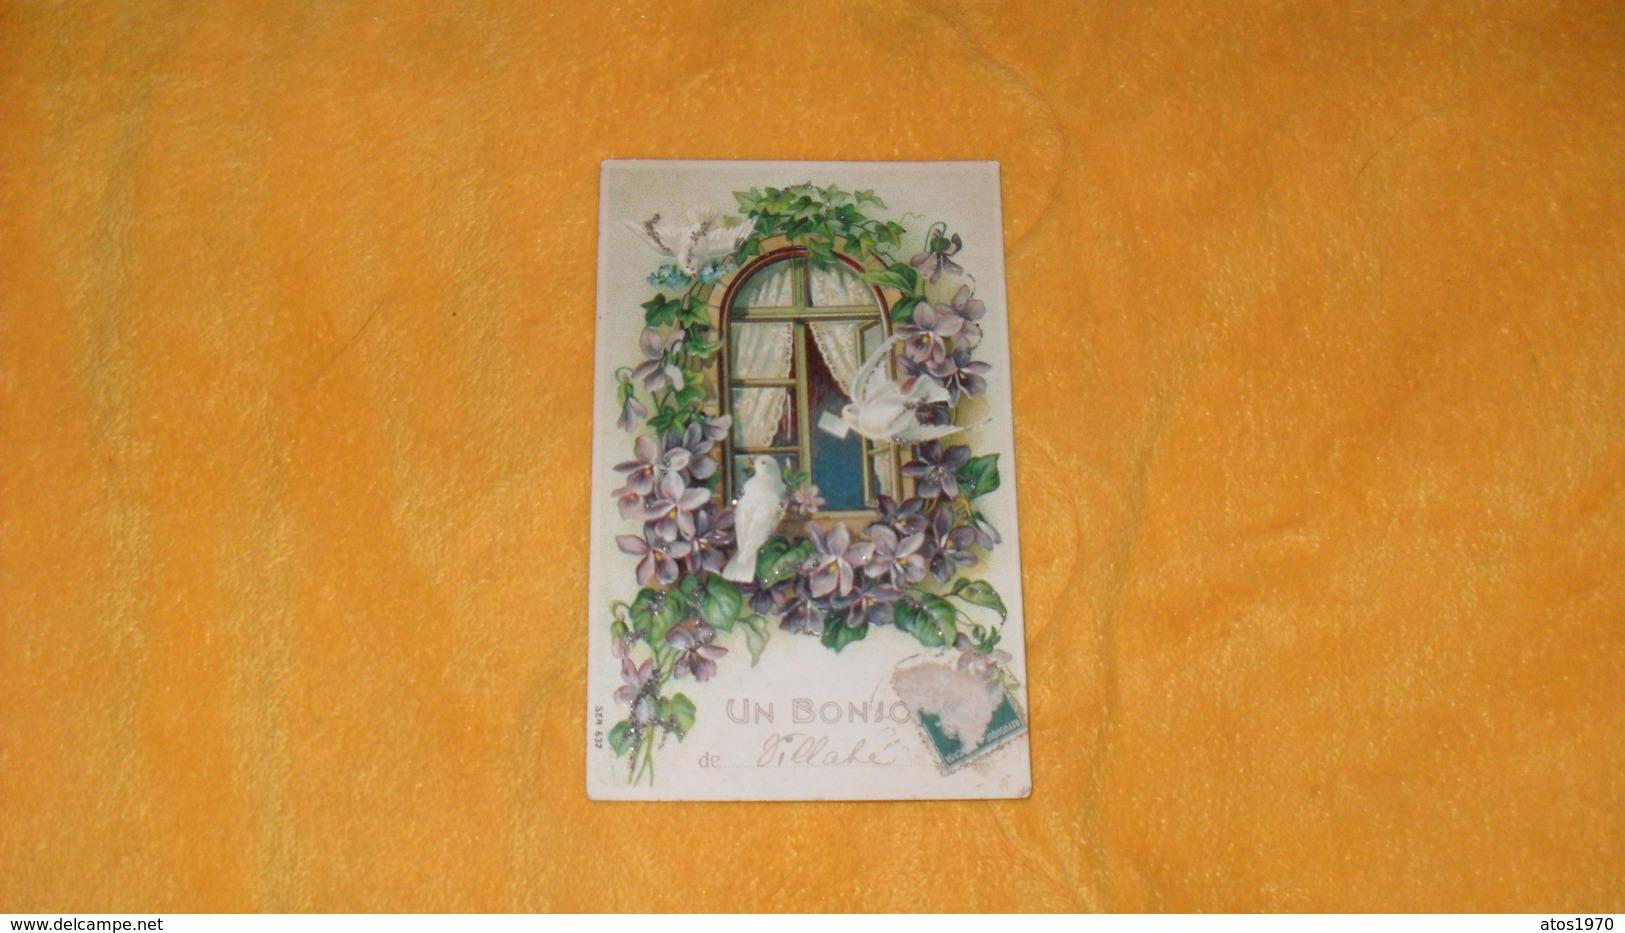 CARTE POSTALE ANCIENNE CIRCULEE DATE ?.../ UN BONJOUR DE VILLABE...FENETRE FLEURS OISEAUX.. - Flowers